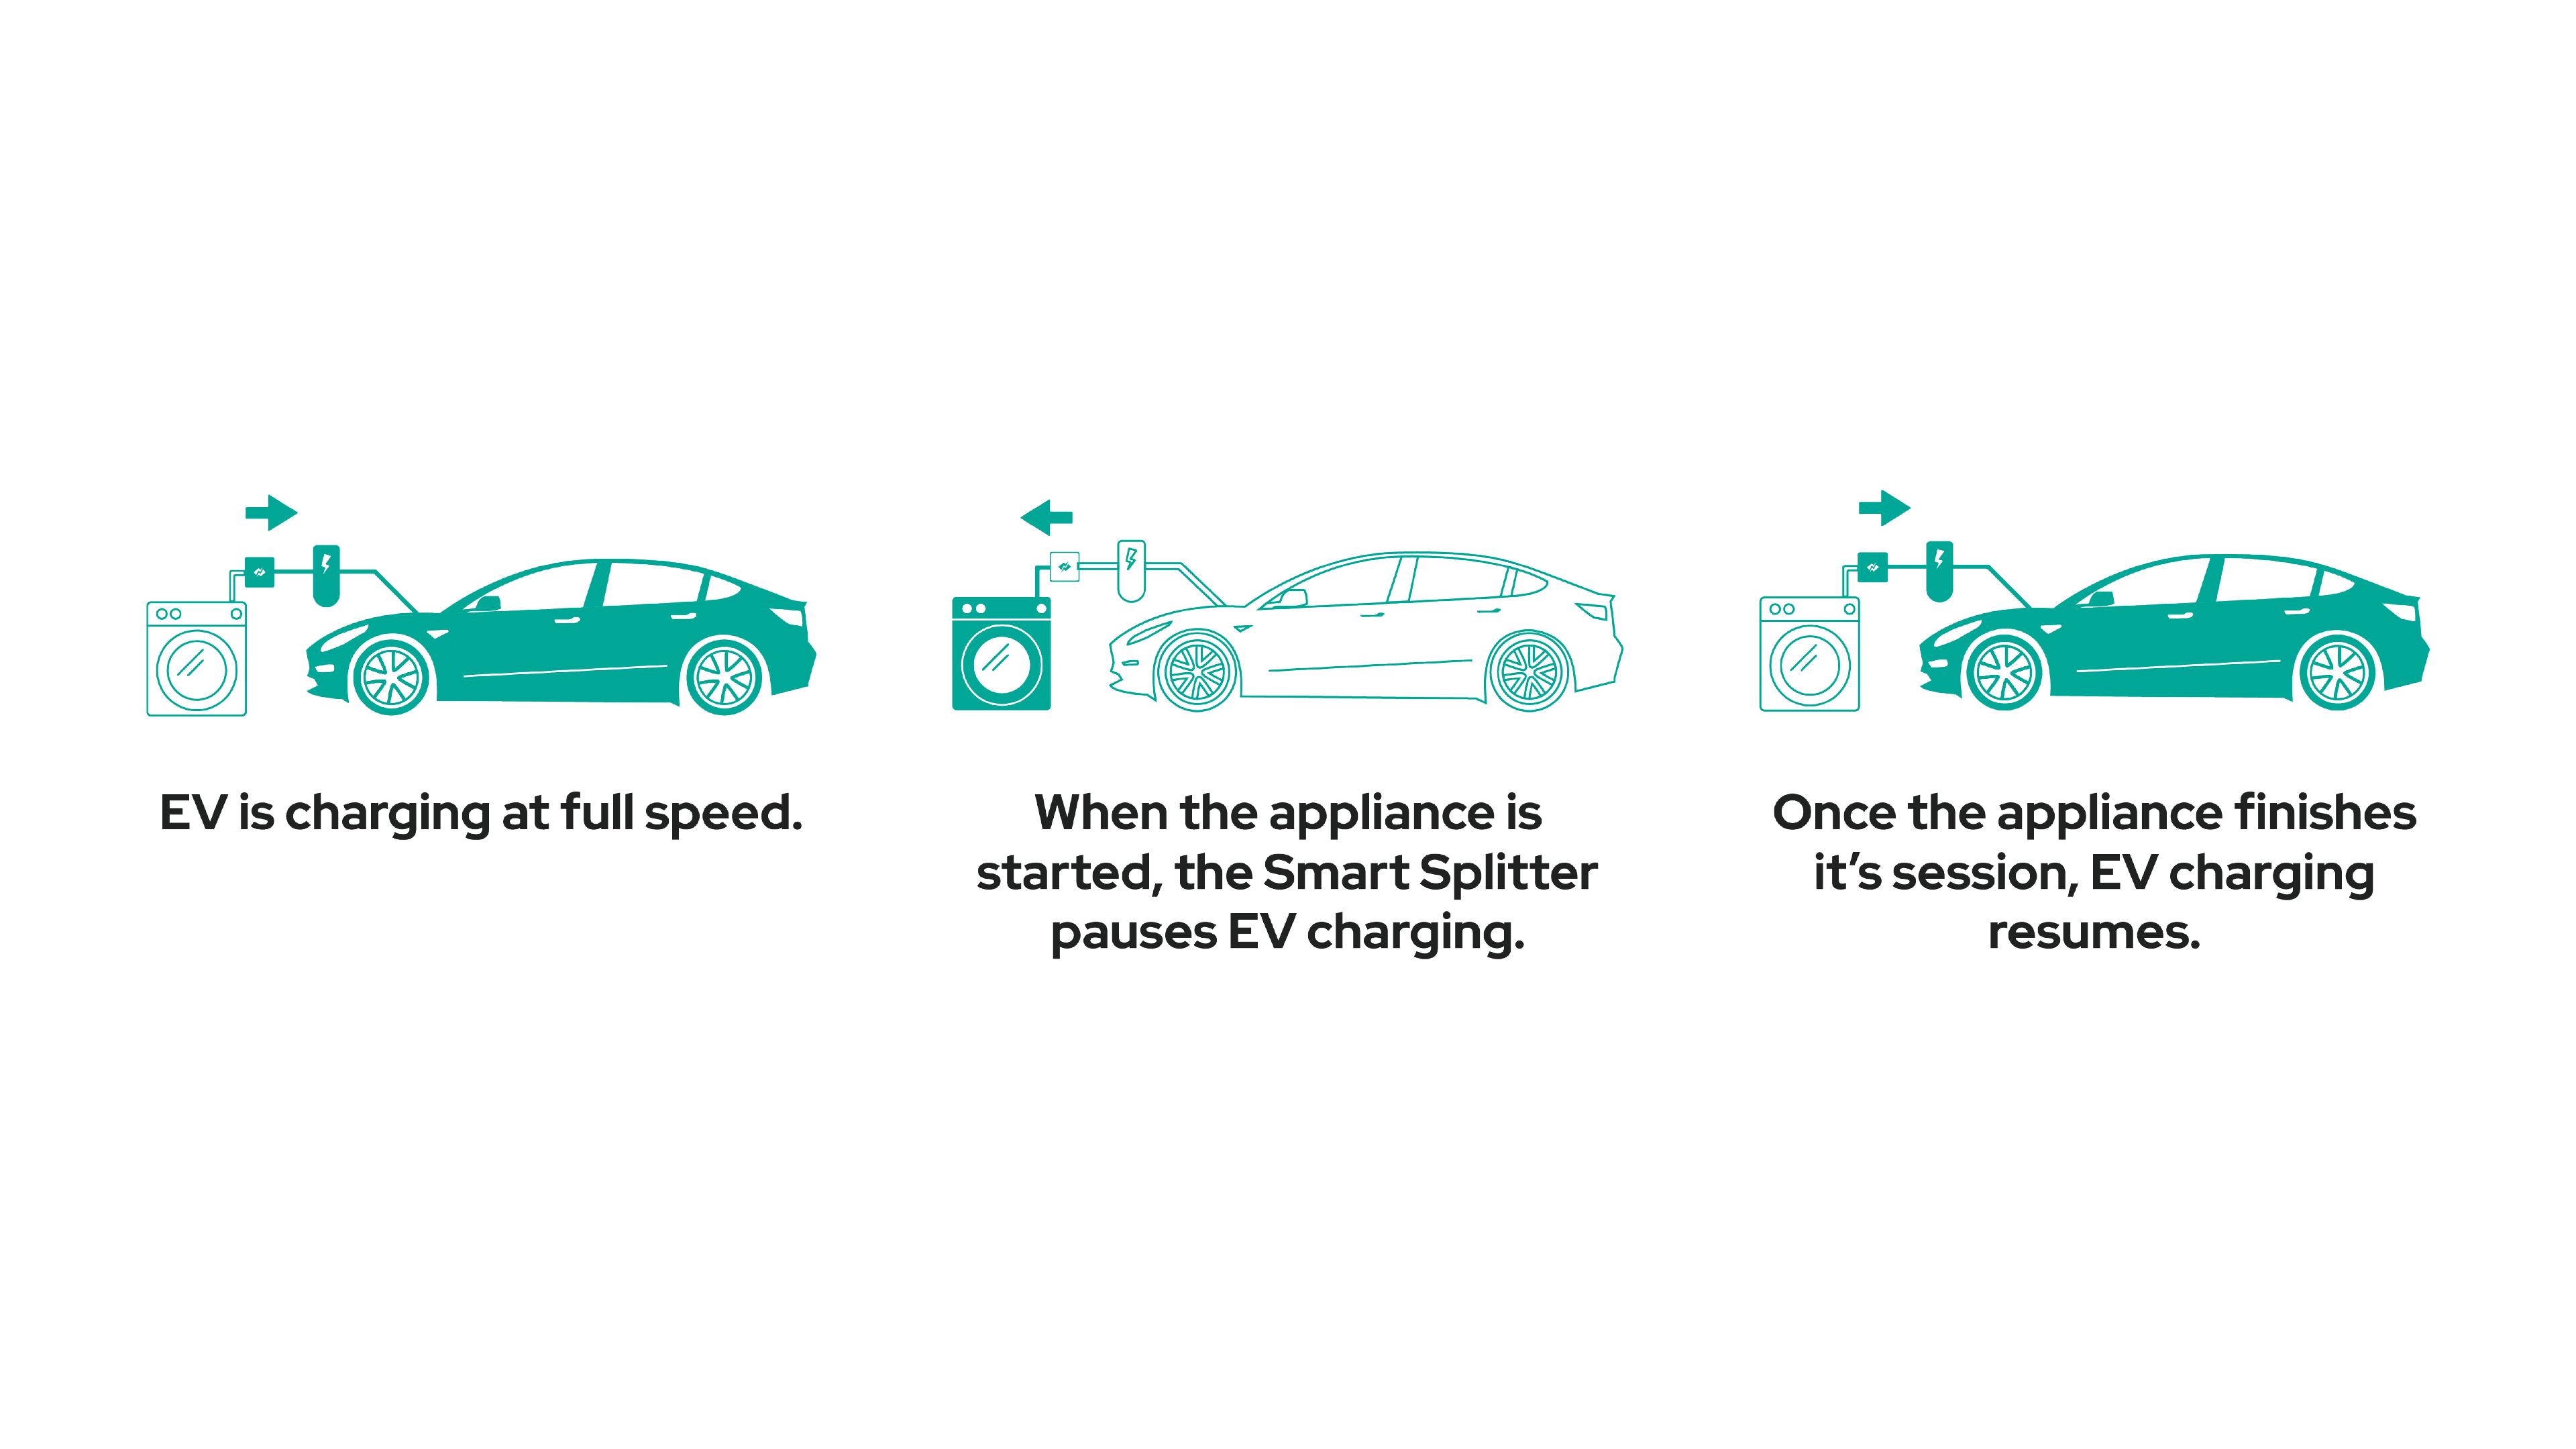 Diagram explaining how the Appliance Smart Splitter works.